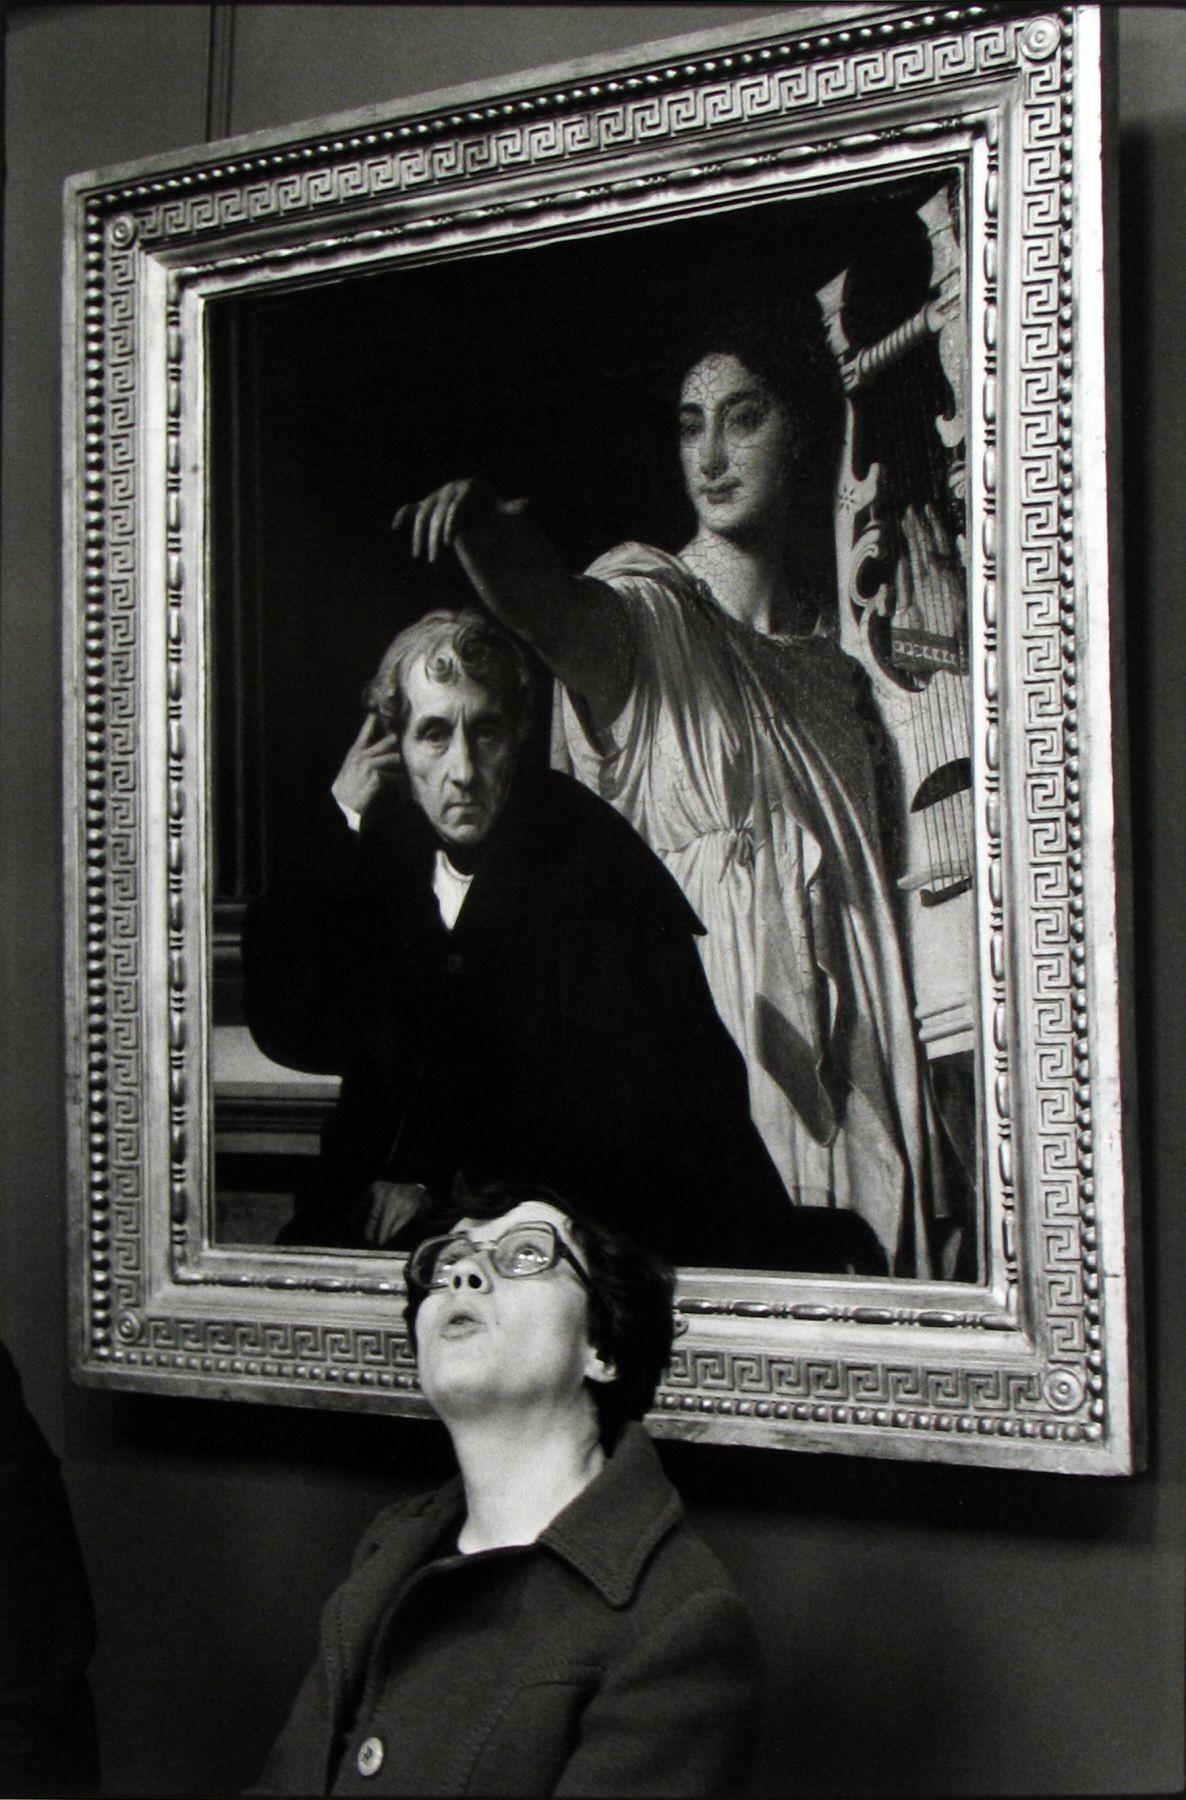 Лувр, Париж, 1978. Фотограф Мартина Франк